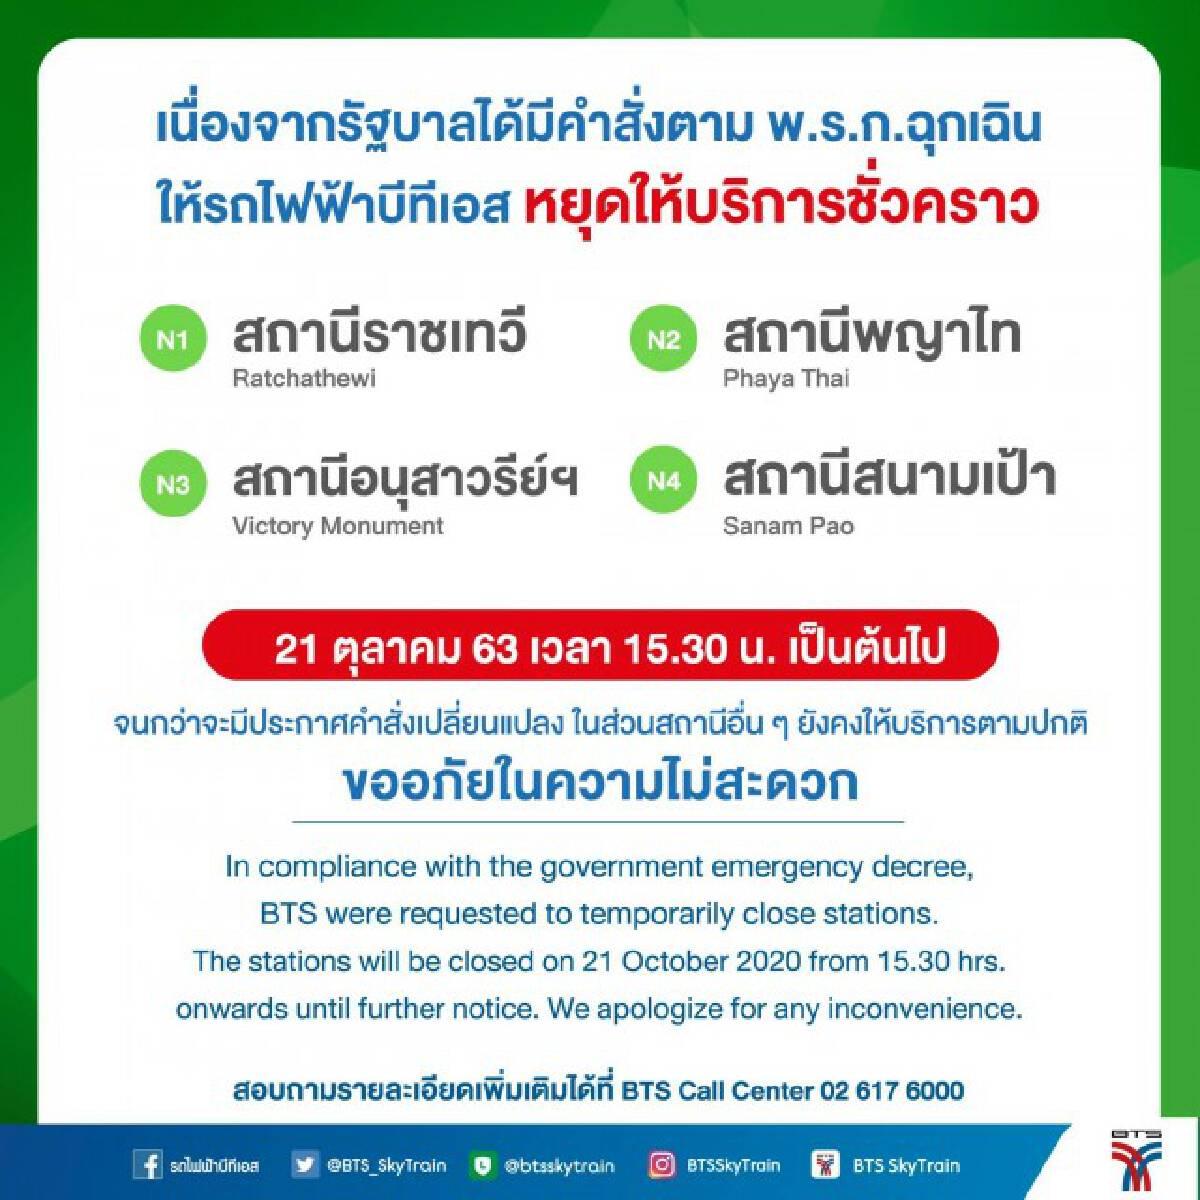 กอร.ฉ. สั่ง bts ปิดให้บริการชั่วคราว 4 สถานี